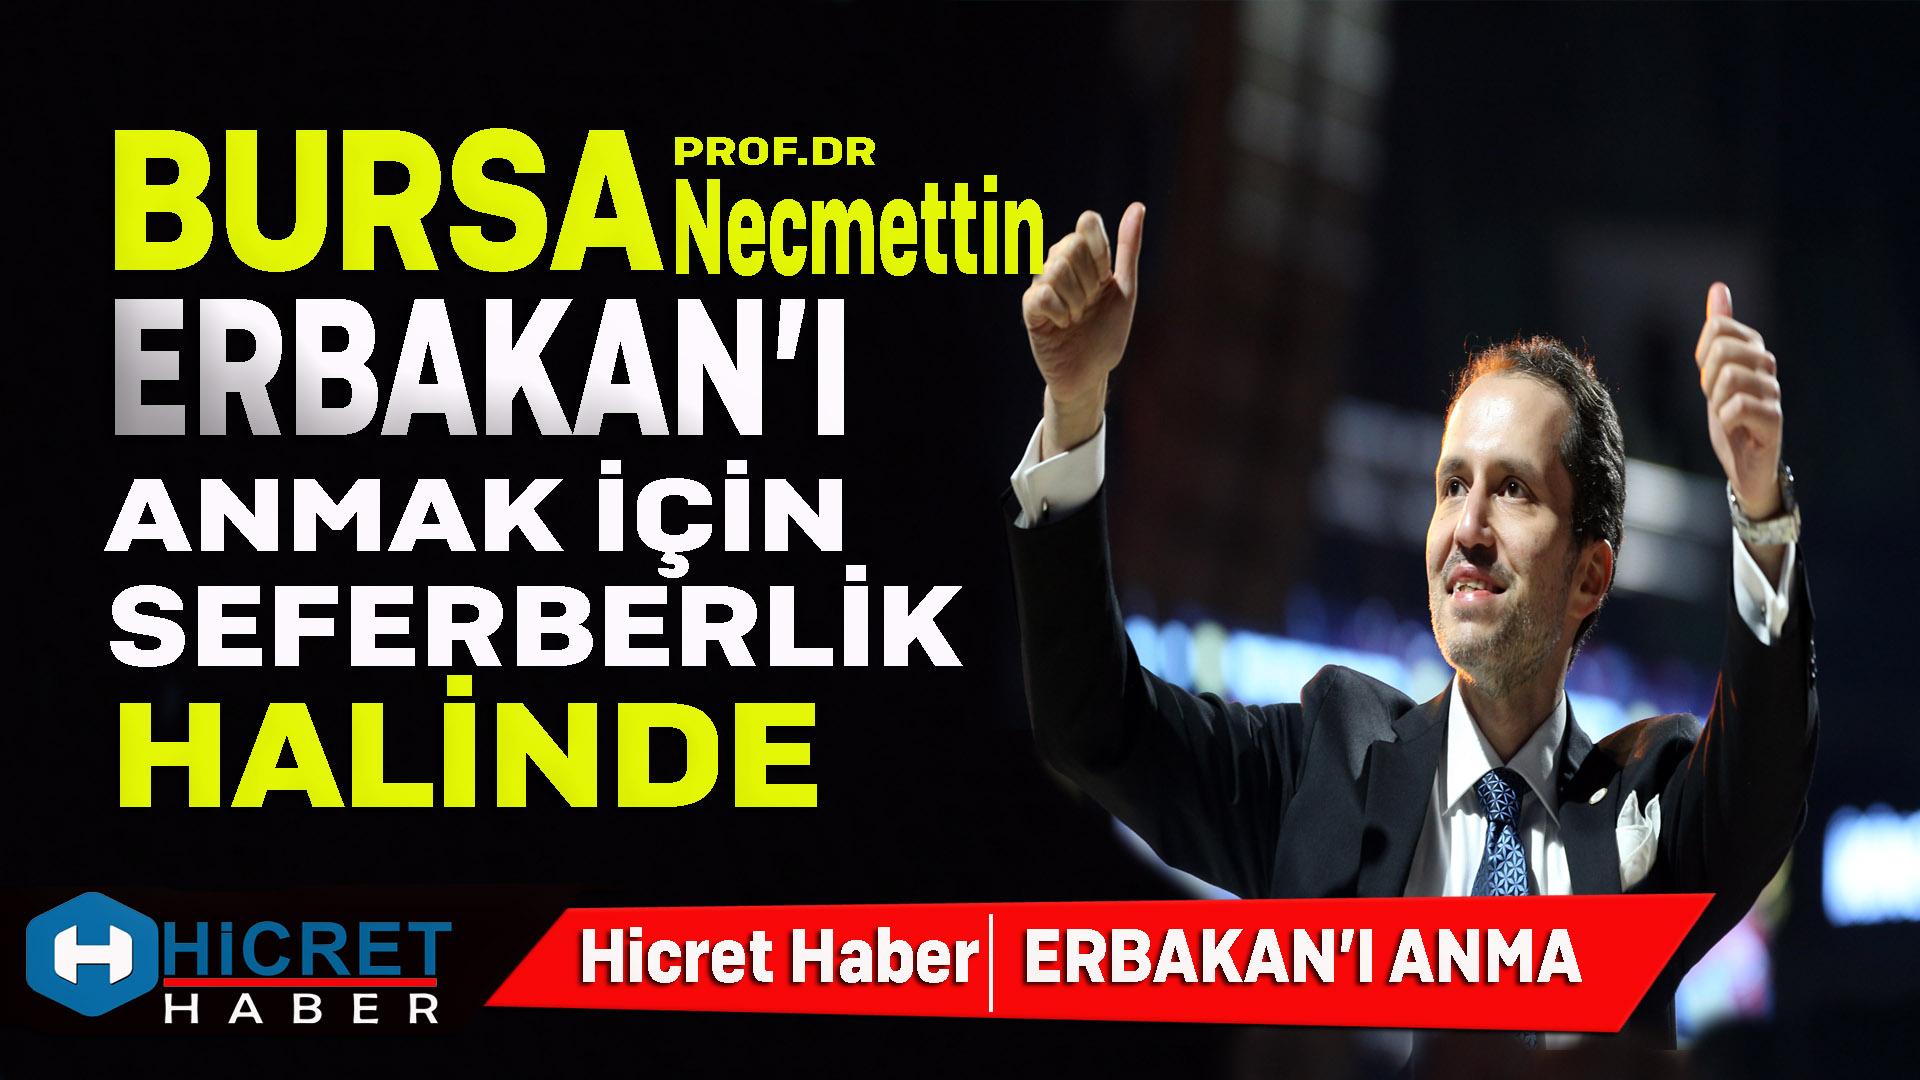 Bursa Erbakan'ı Anmak İçin Seferberlik İlan Etti